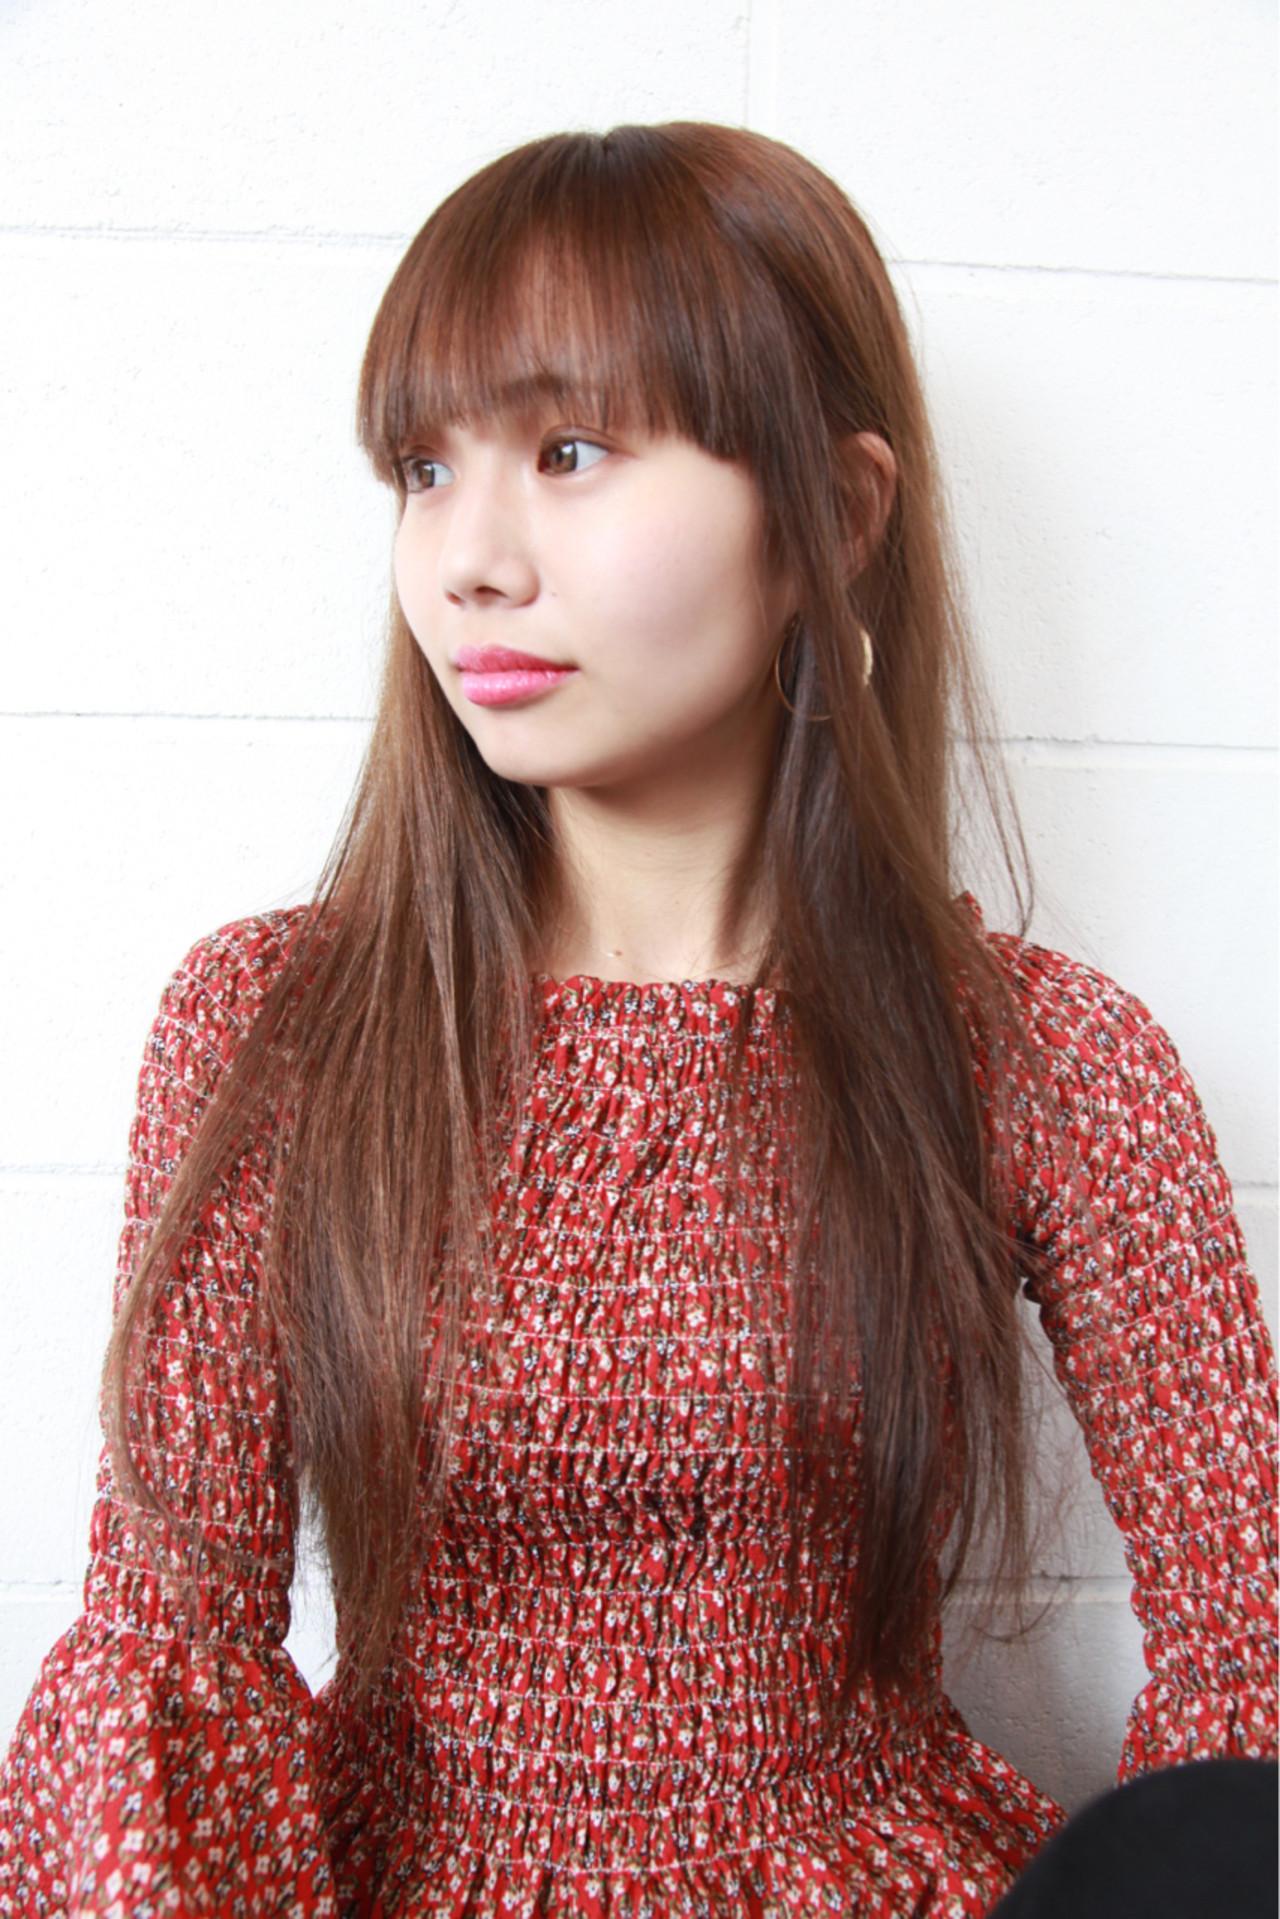 【丸顔さん向け】似合う前髪で顔型カバー!小顔に見えるすっきりバングとは 川原由紀乃 | DEN hairdesign